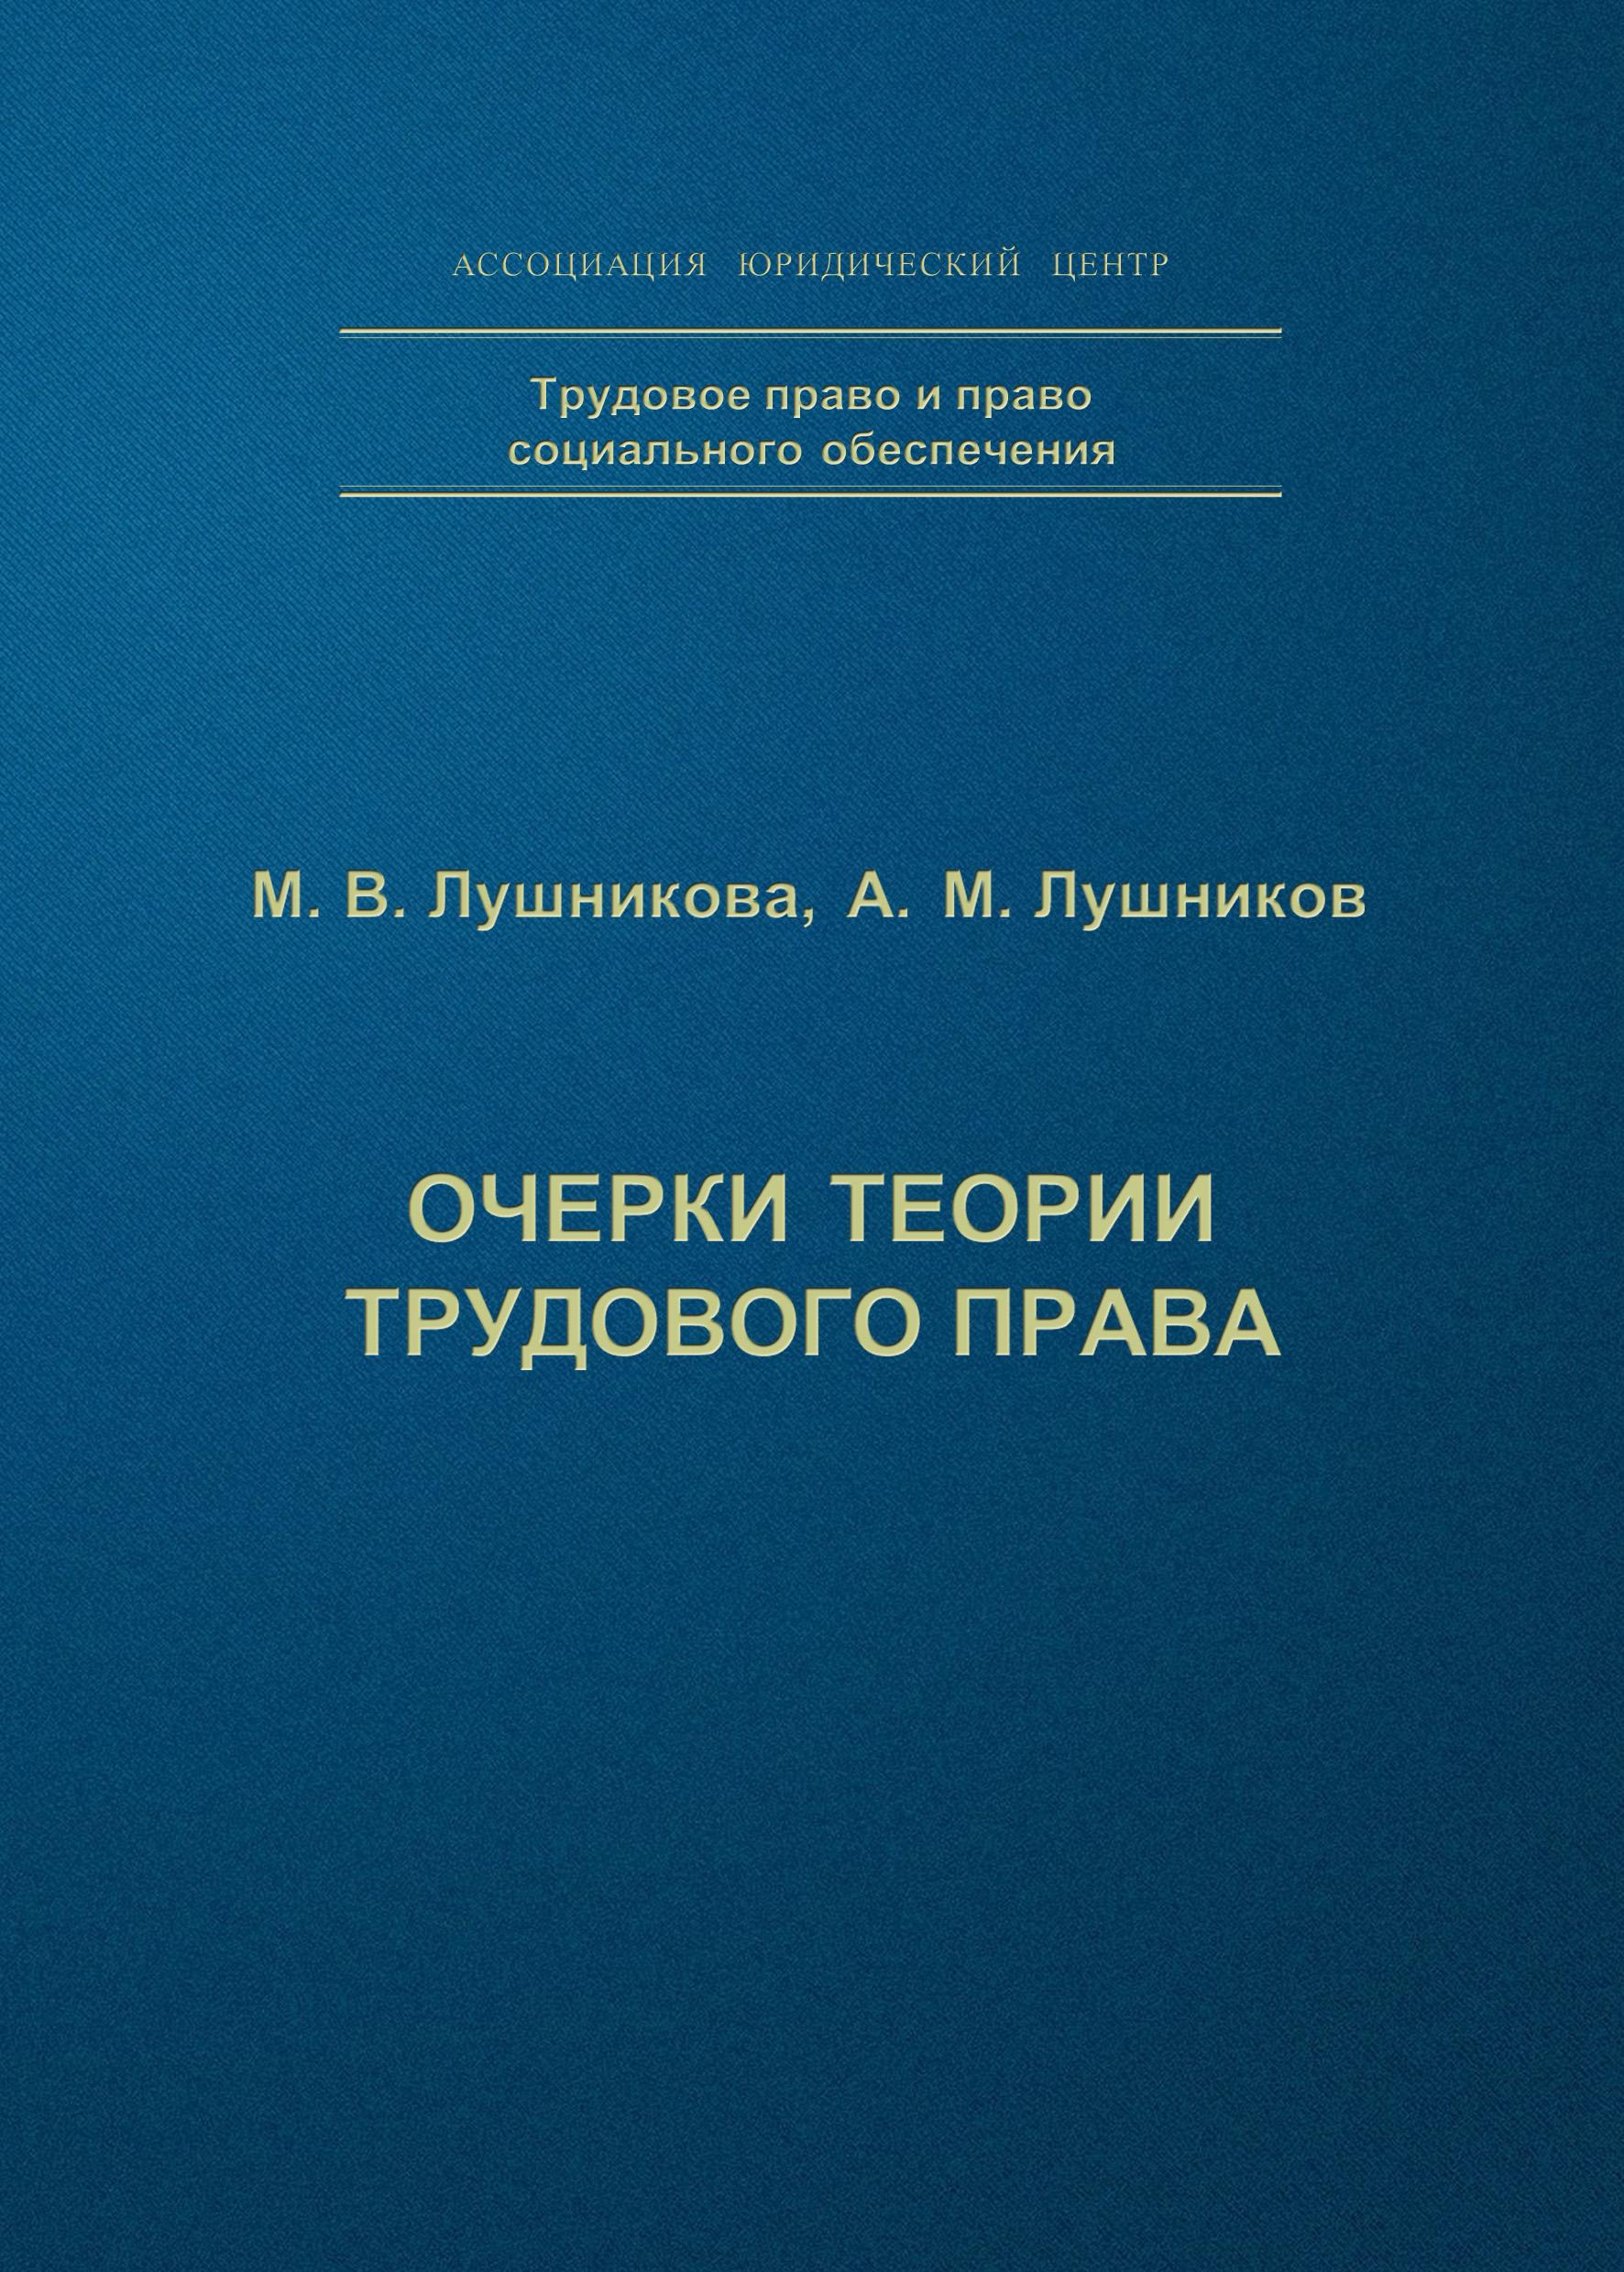 А. М. Лушников Очерки теории трудового права